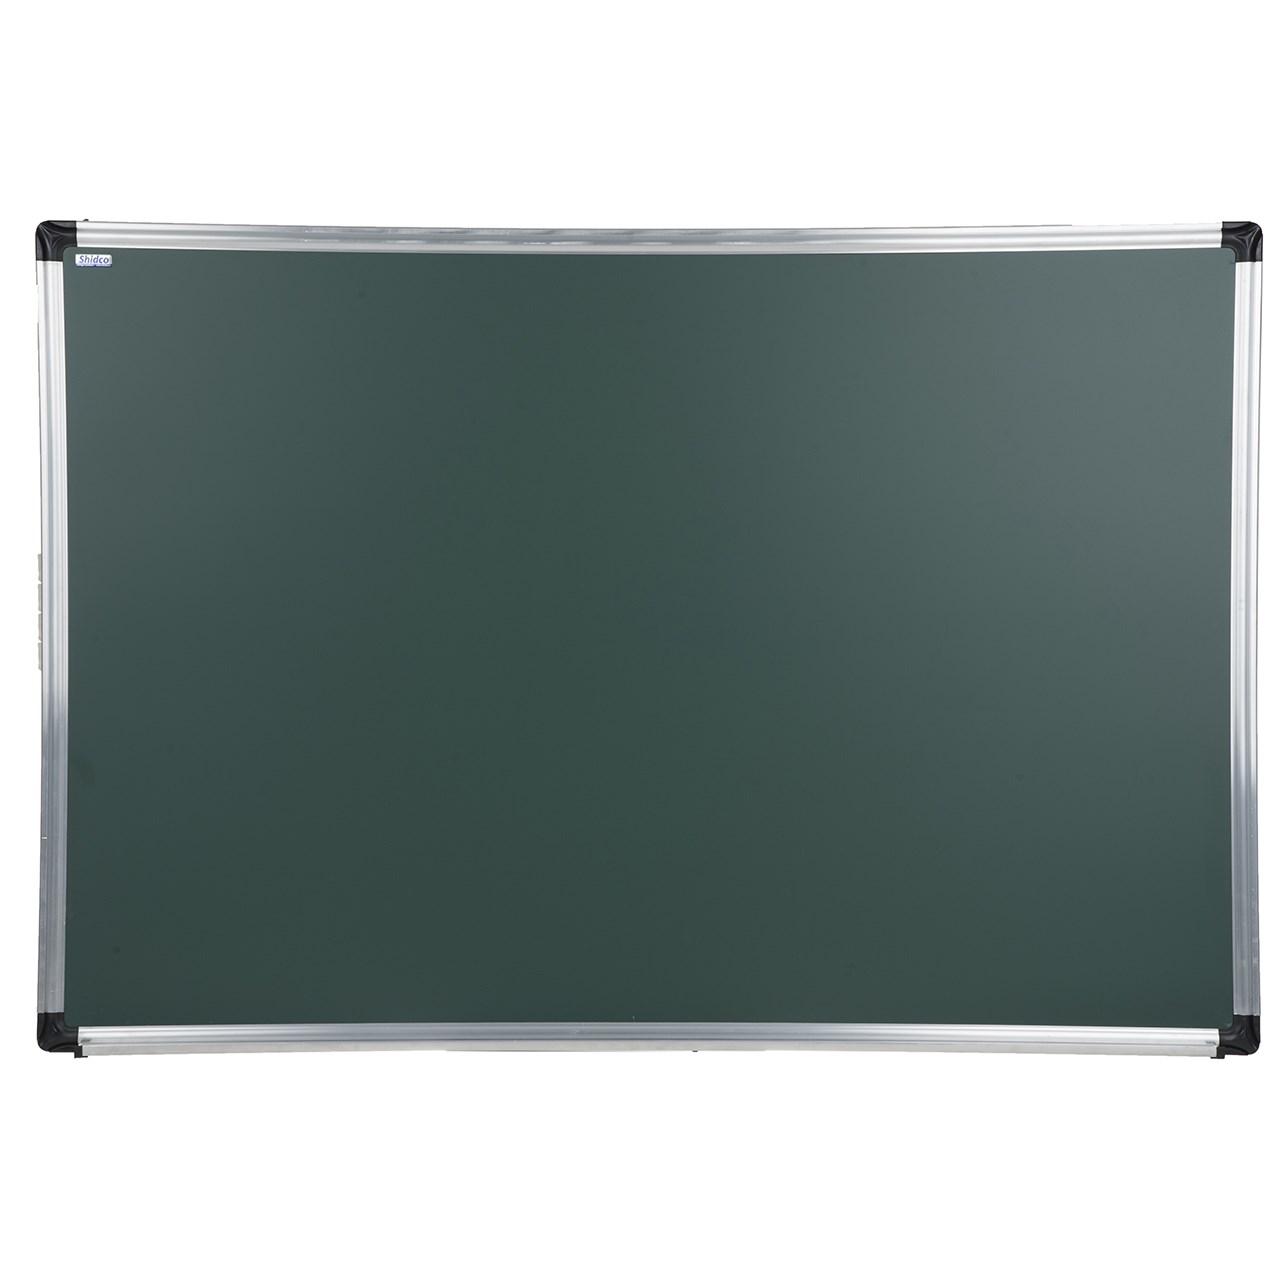 تخته گرین برد شیدکو مدل کلاسیک سایز 150×100 سانتیمتر